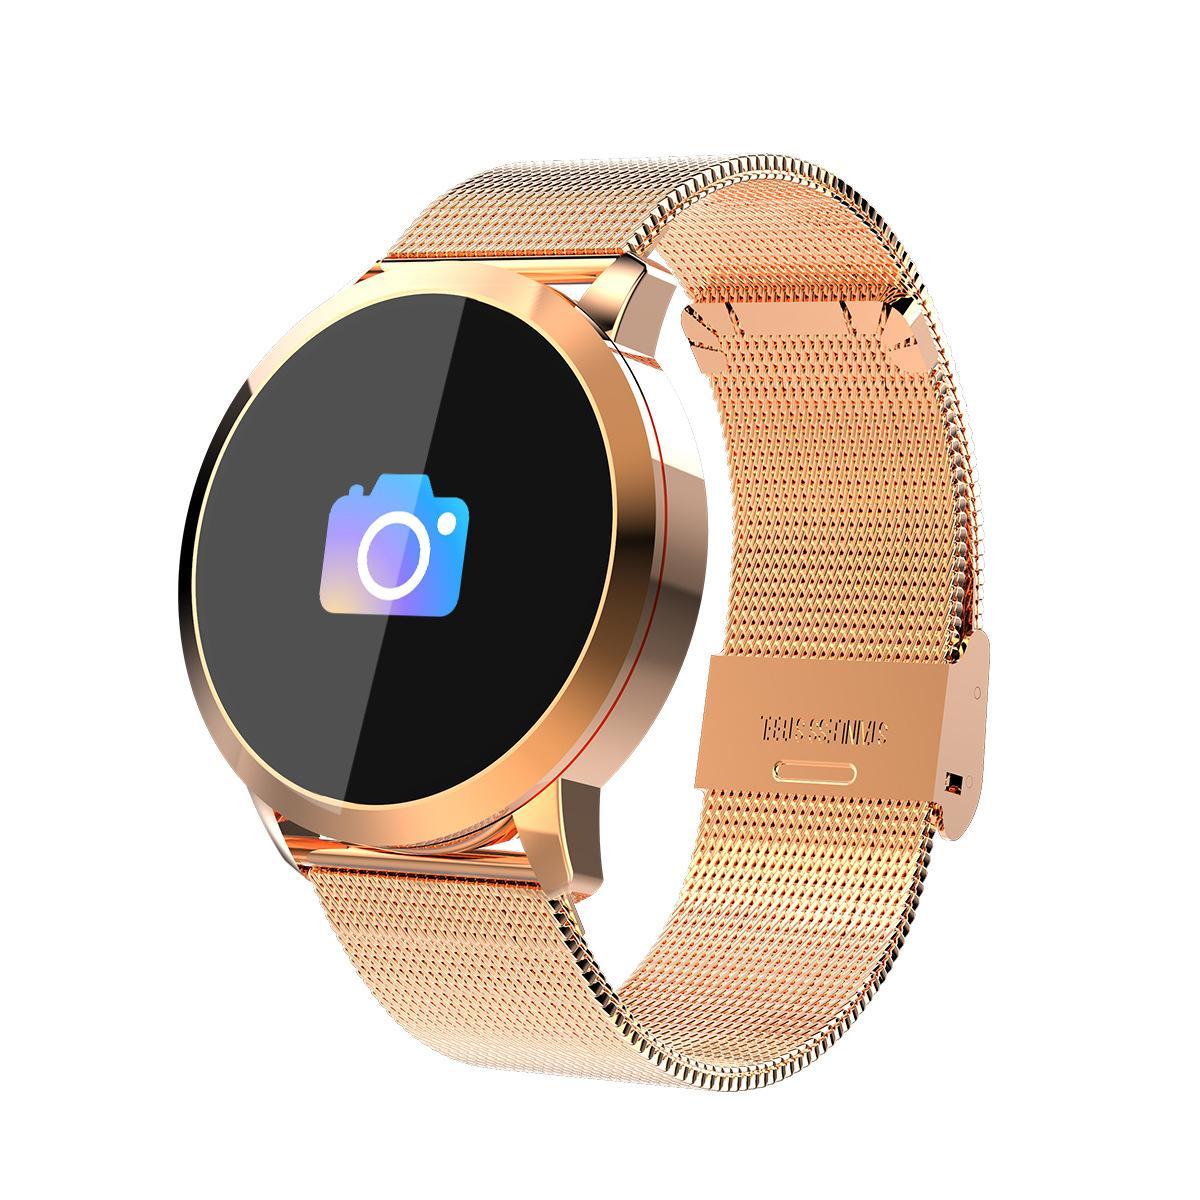 Q8 جولة الذكية ووتش مع حزام معدني اللون معلومات رصد معدل ضربات القلب الأكسجين دفع بلوتوث 4.0 ساعة ذكية